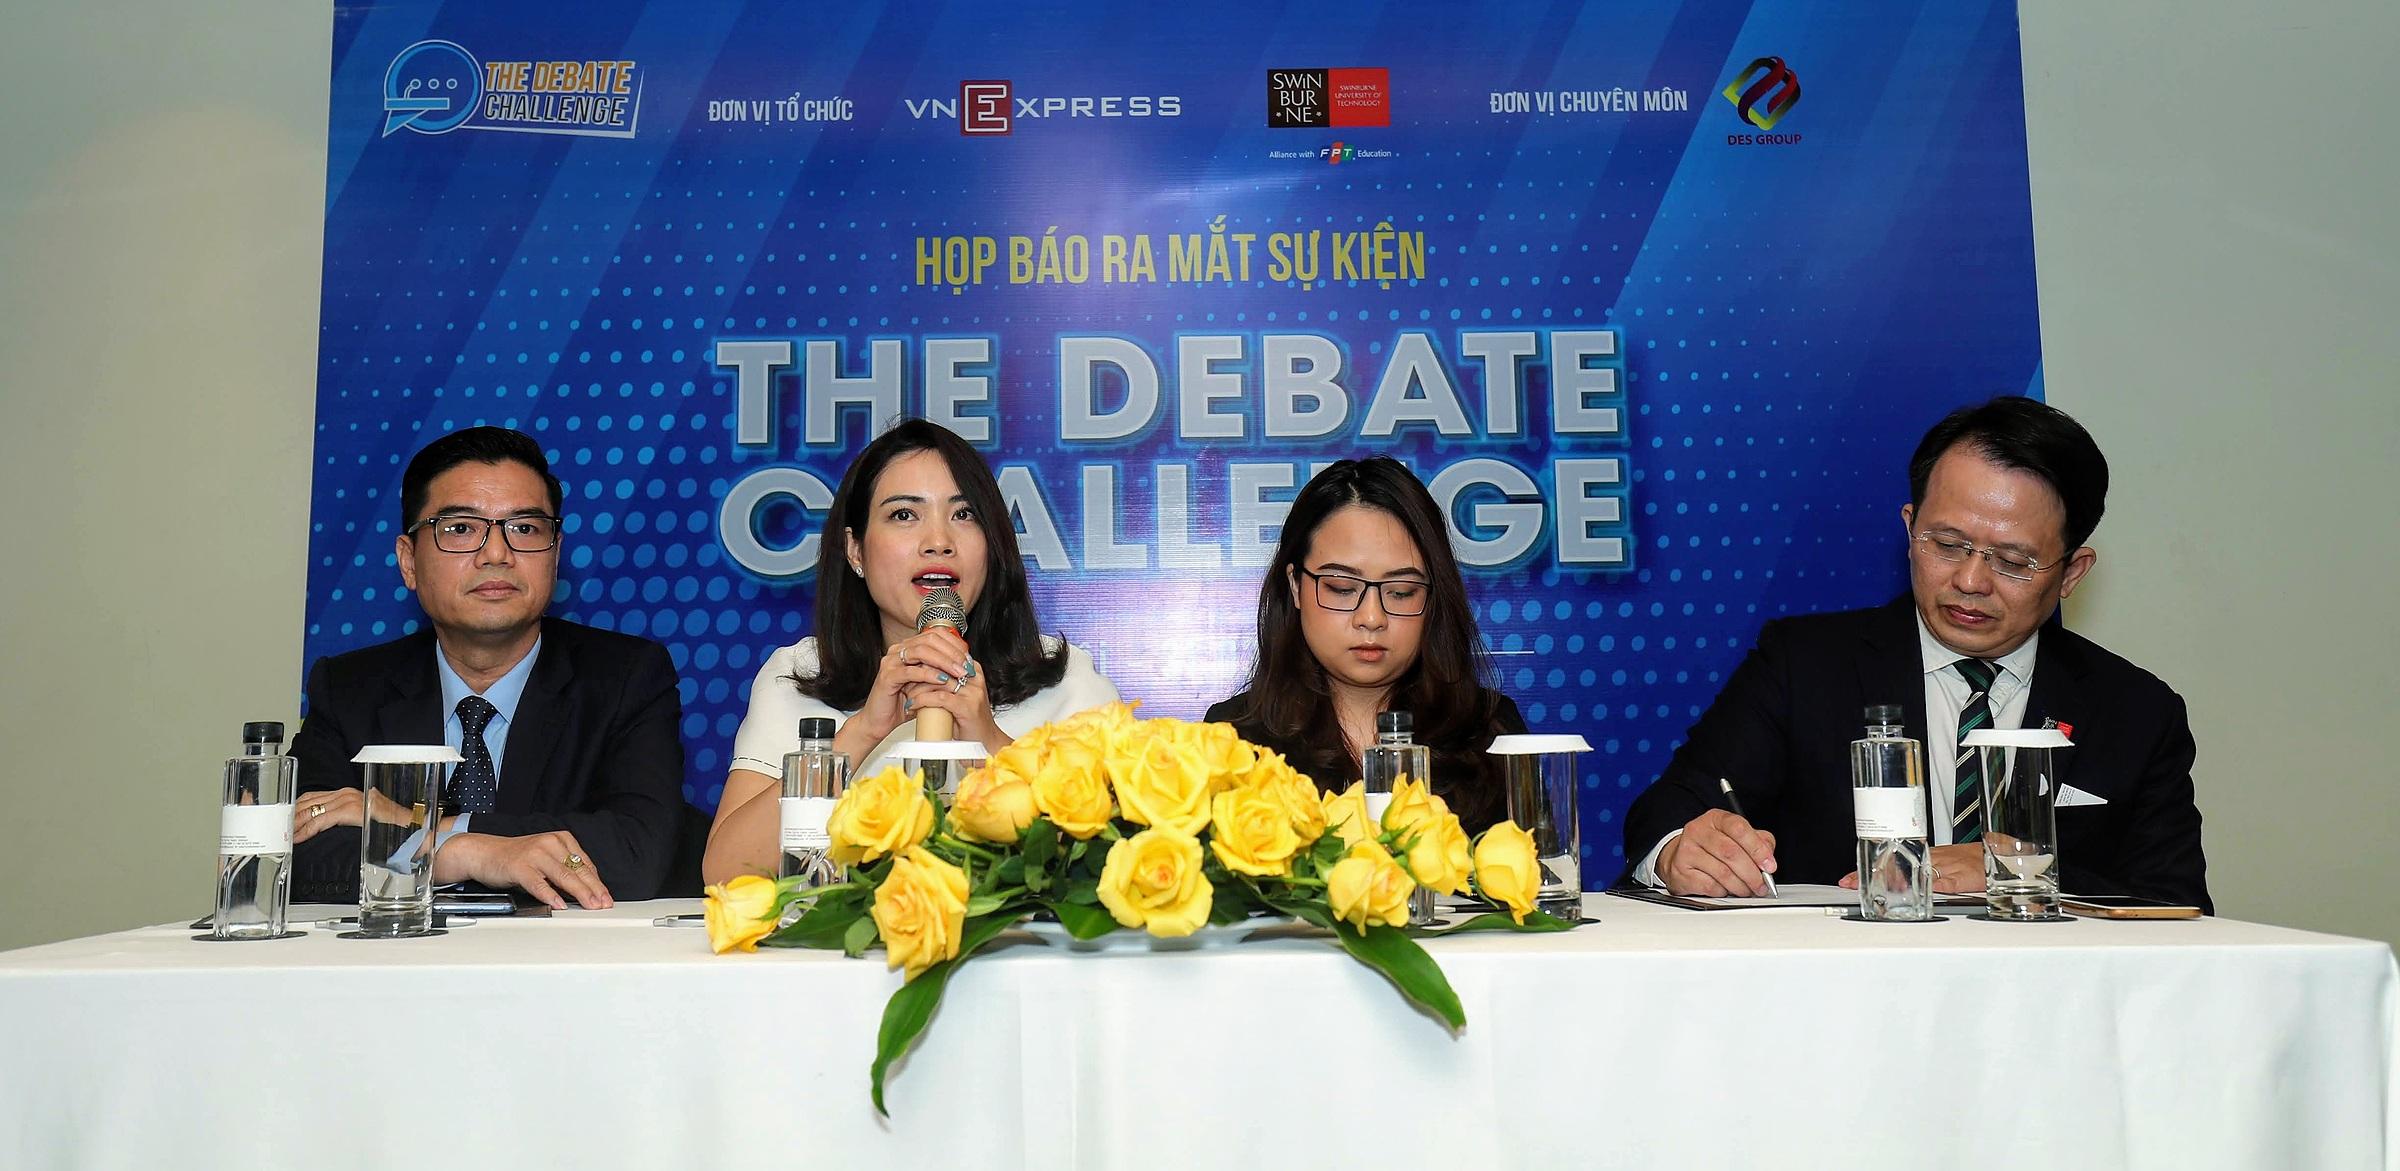 Nguyễn Ngọc Tú Uyên (thứ 3 từ trái qua phải) trưởng ban giám khảo của sân chơi The Debate Challenge. Ảnh: Phạm Chiểu.